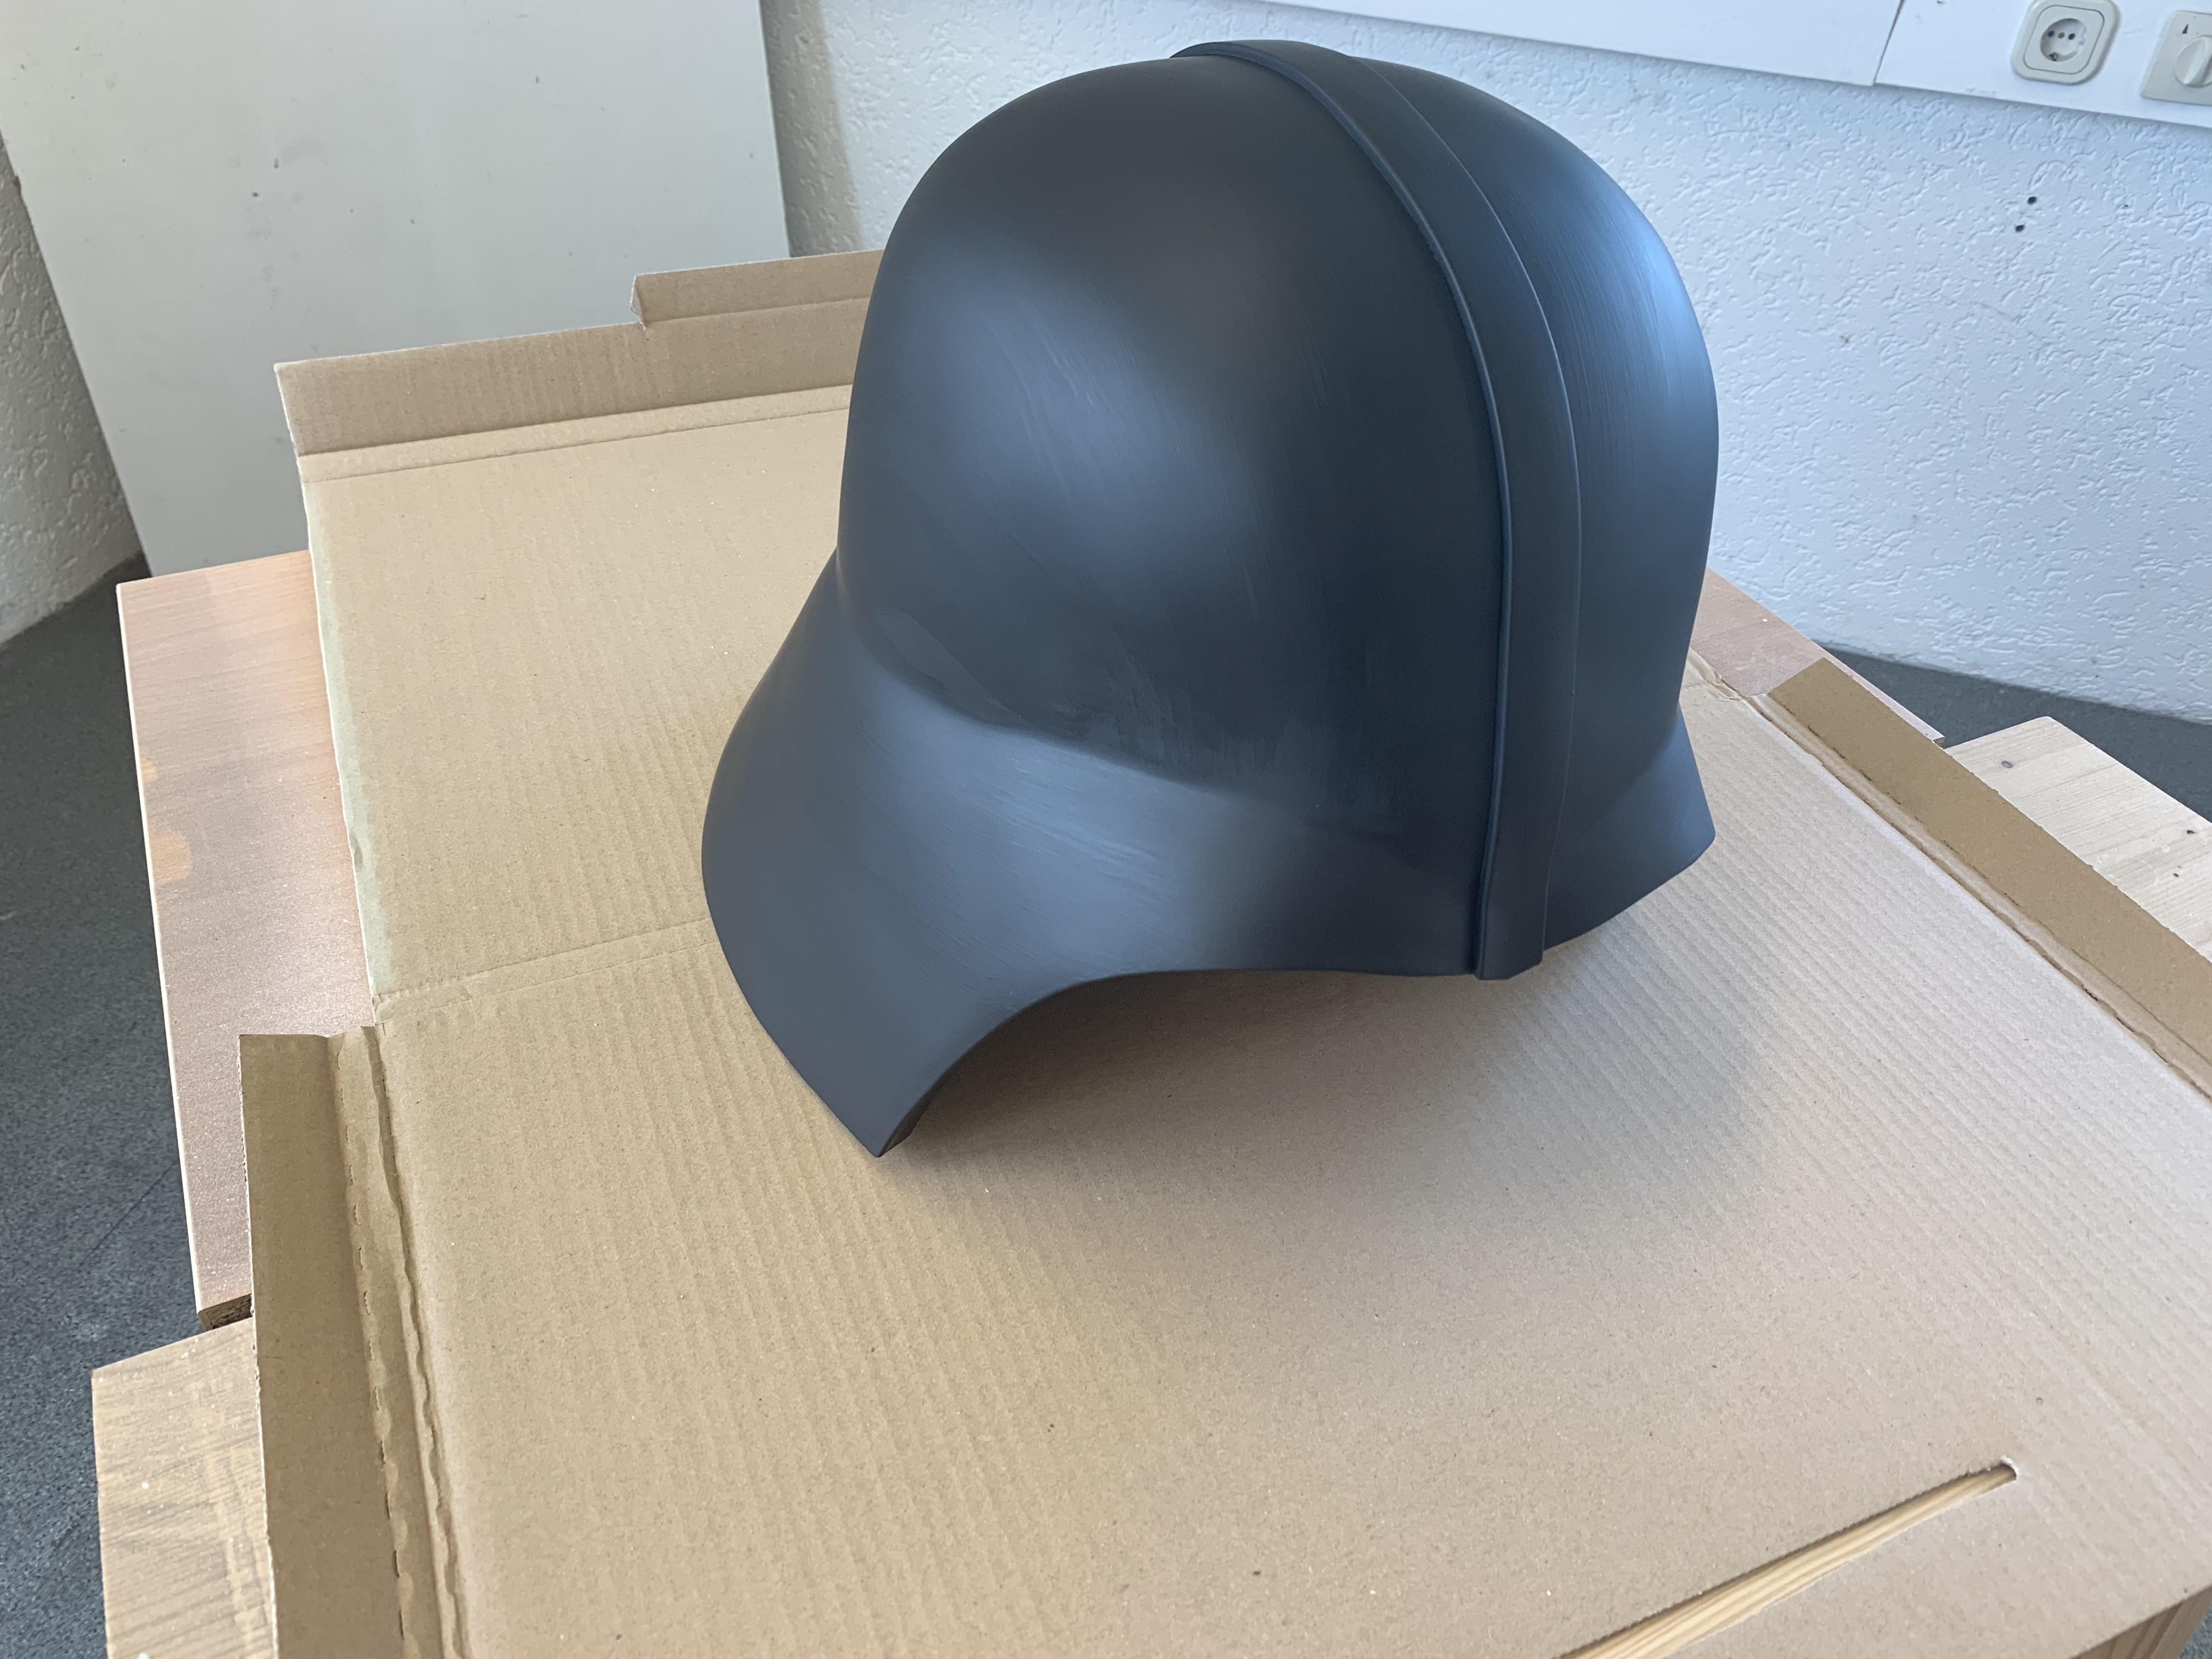 s438647550.online.de/PICS/0719_Helmet_6.JPG